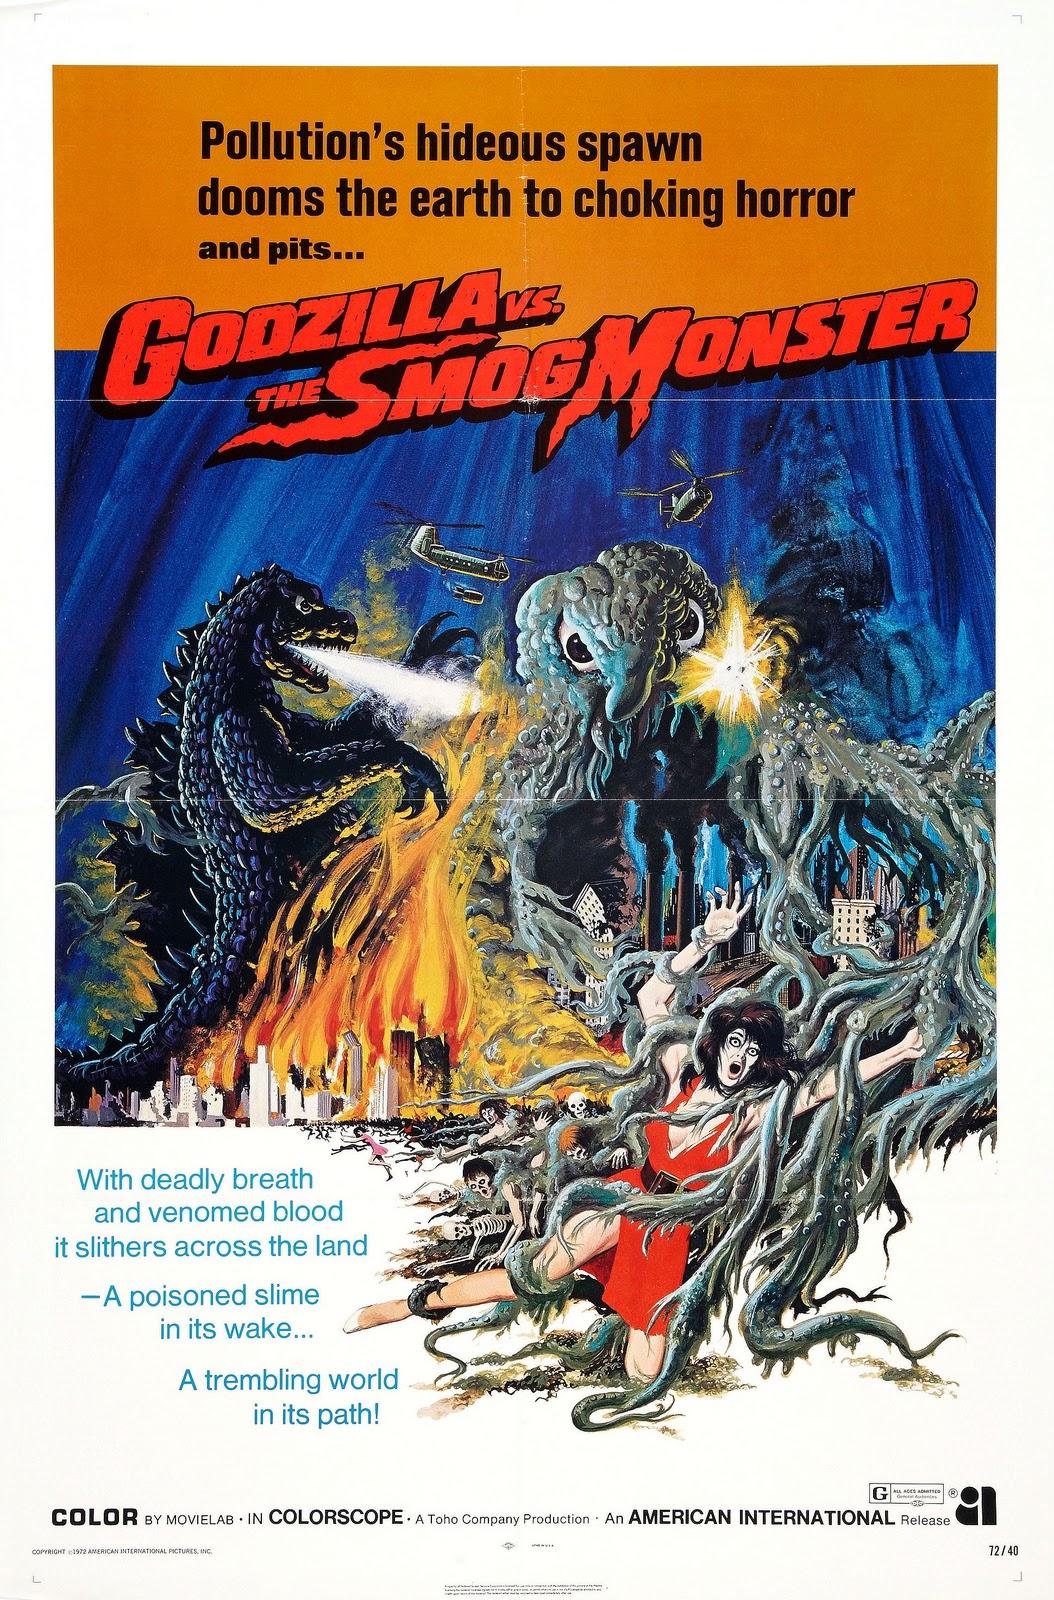 Godzilla Vs. Hedorah (the Smog Monster) 1971 | The Daily P.O.P.